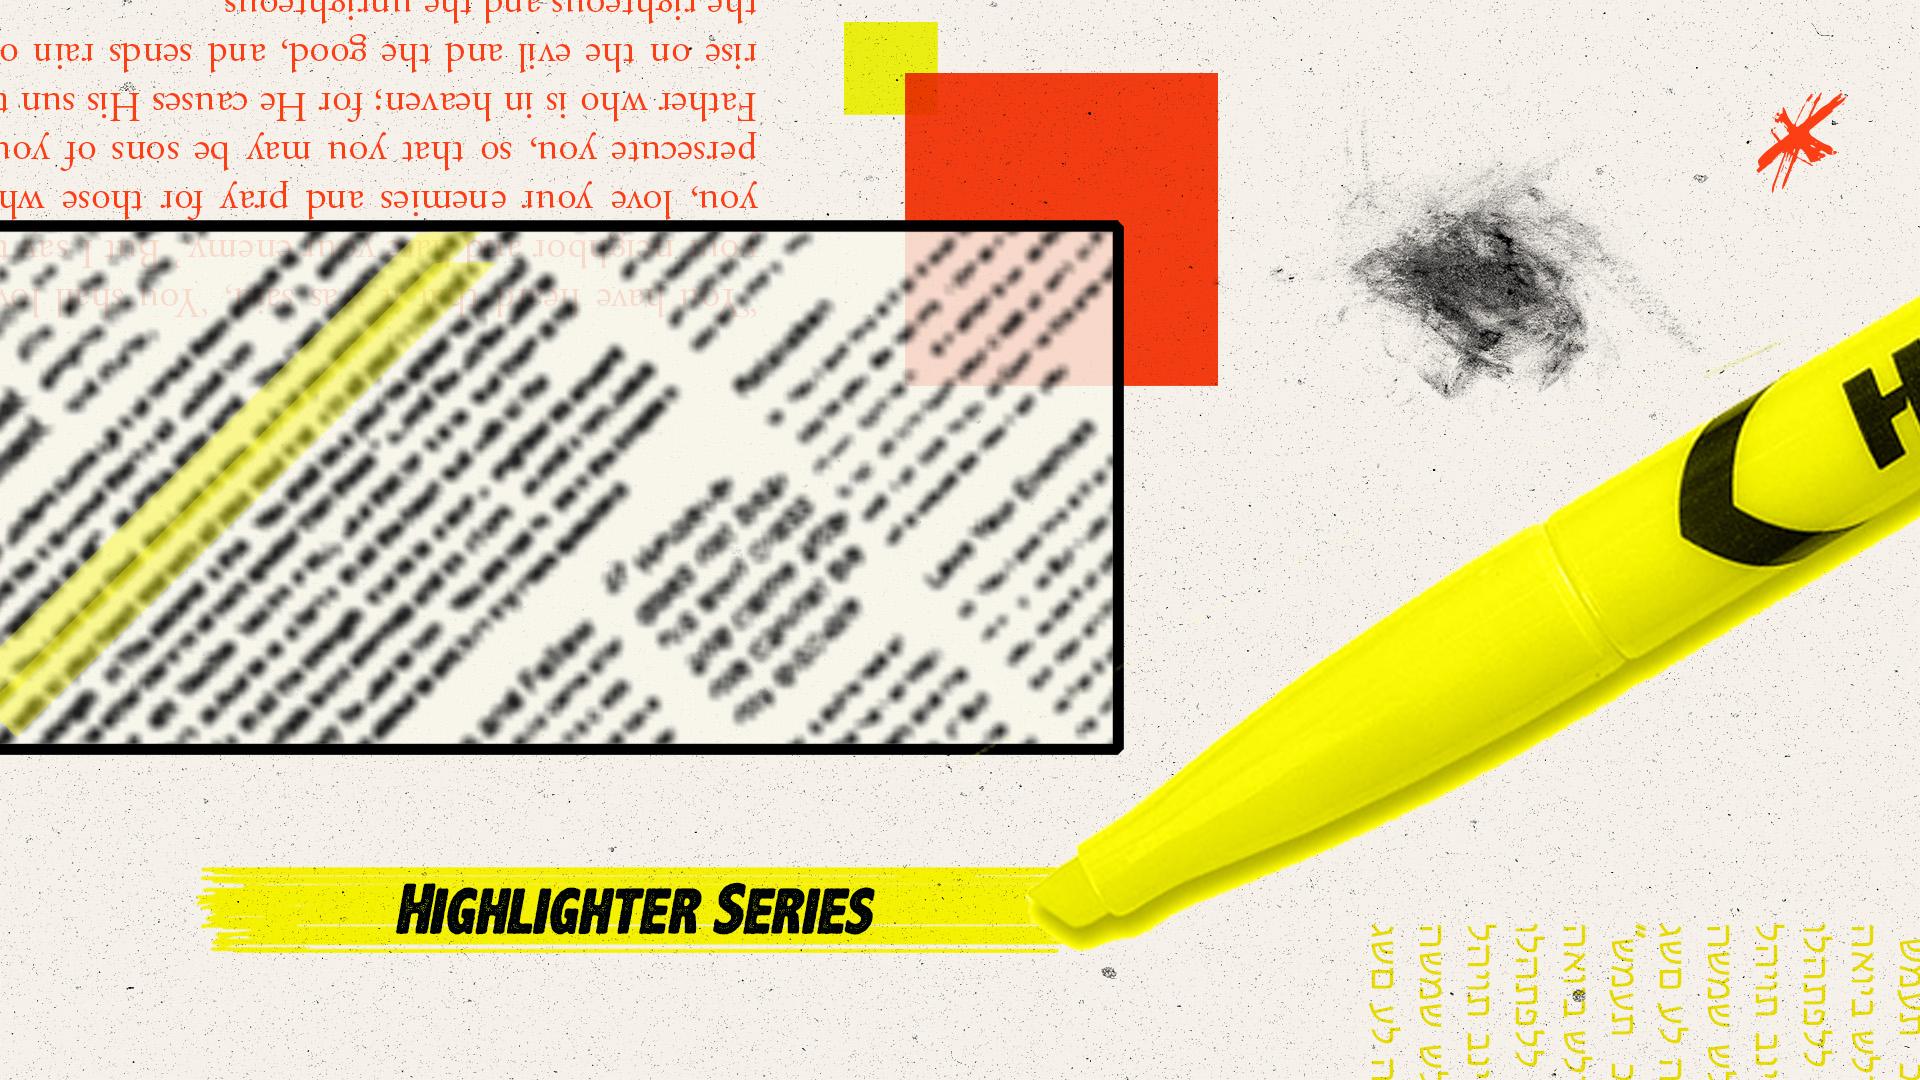 Highlighter Series Prop.jpg